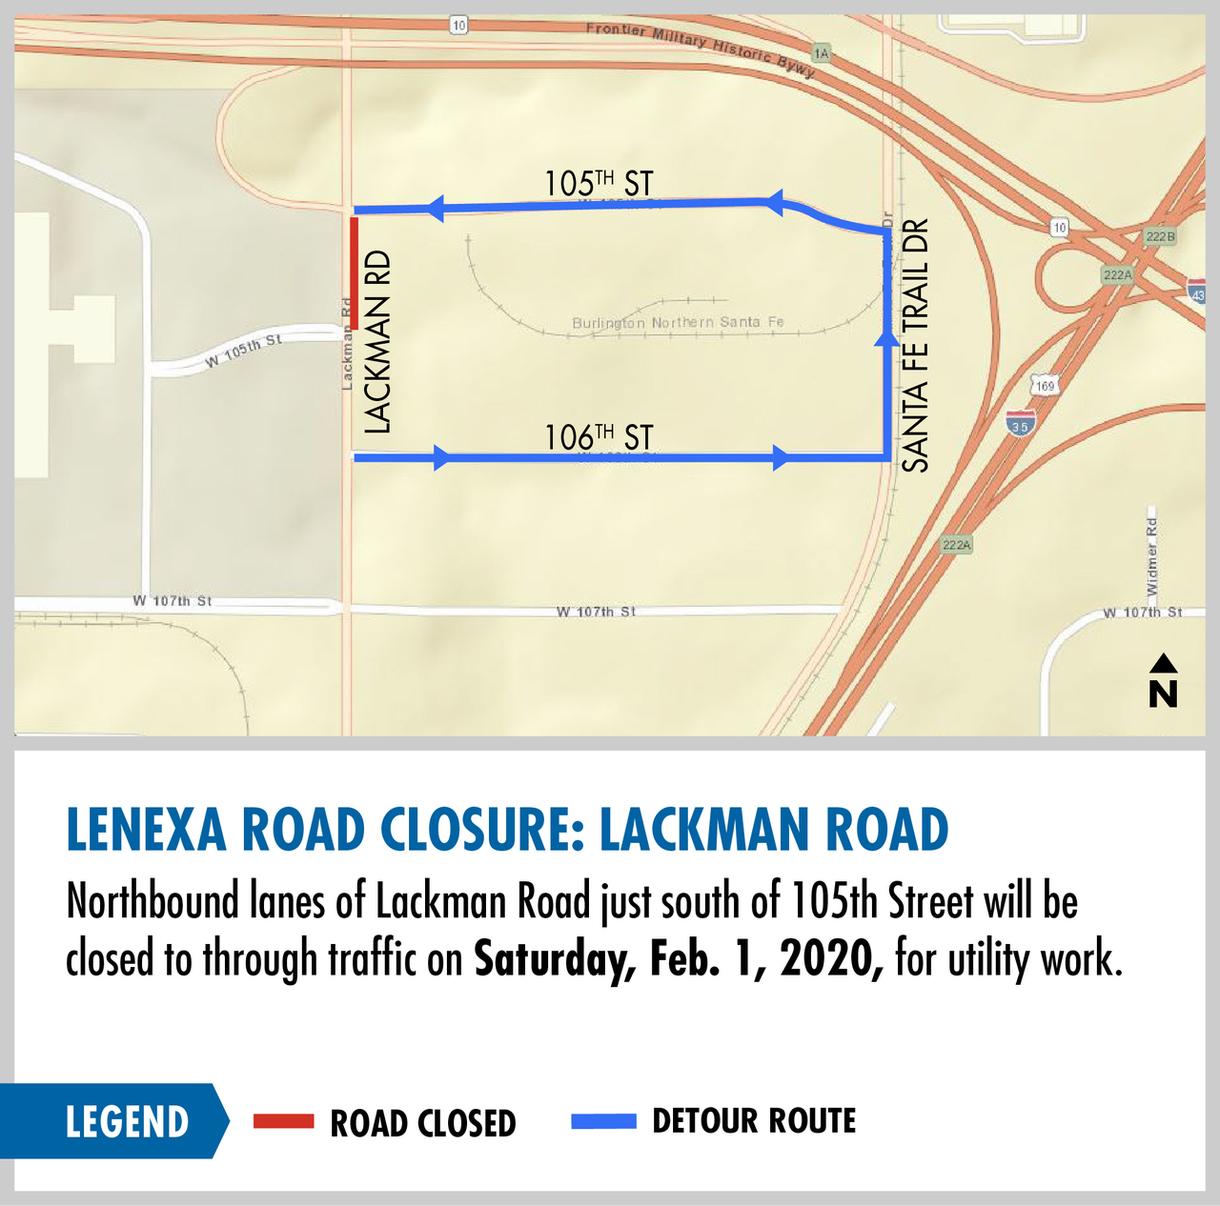 Lenexa road clousure: Lackman Road